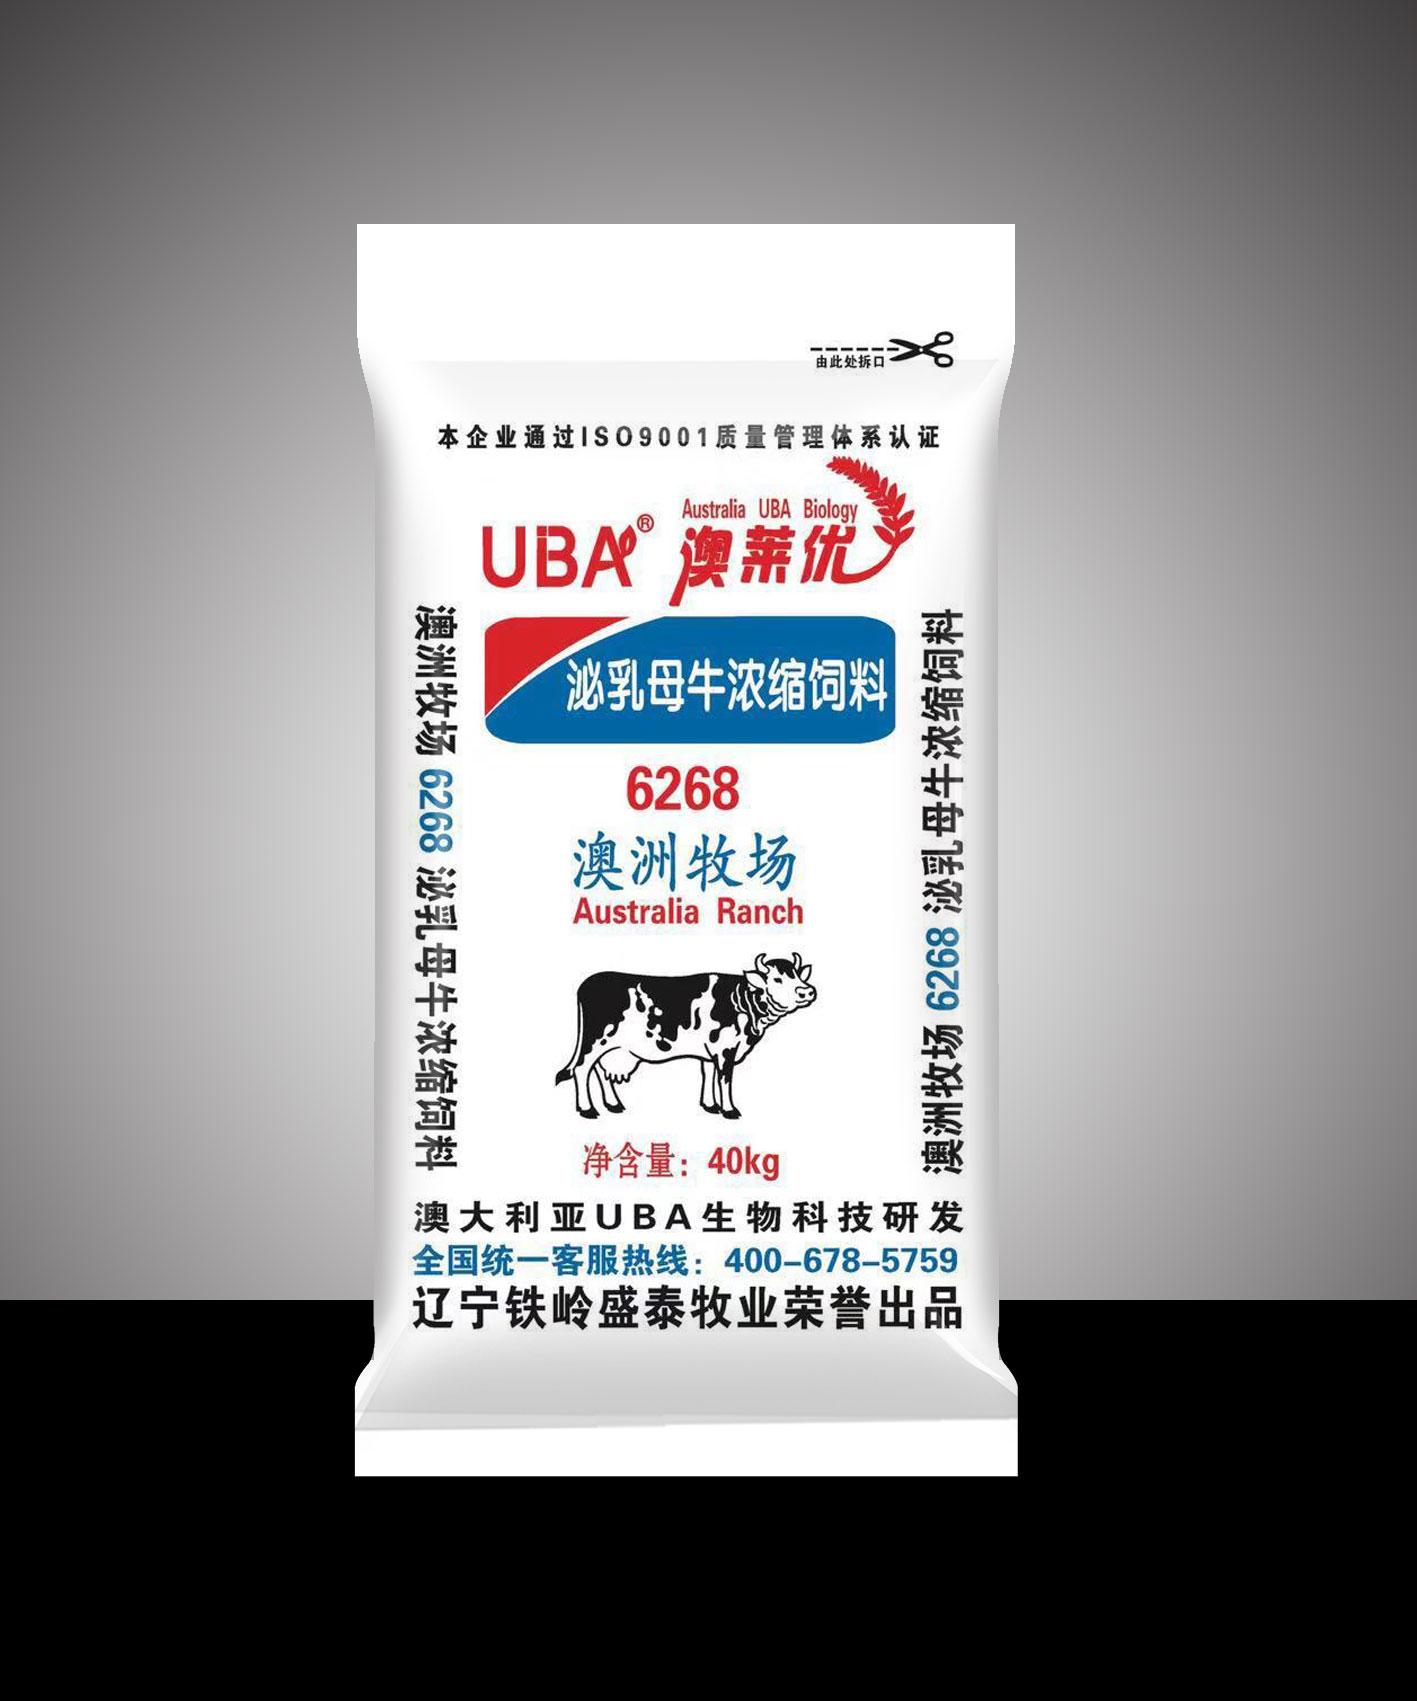 泌乳母牛12bet手机版12博客户端6268